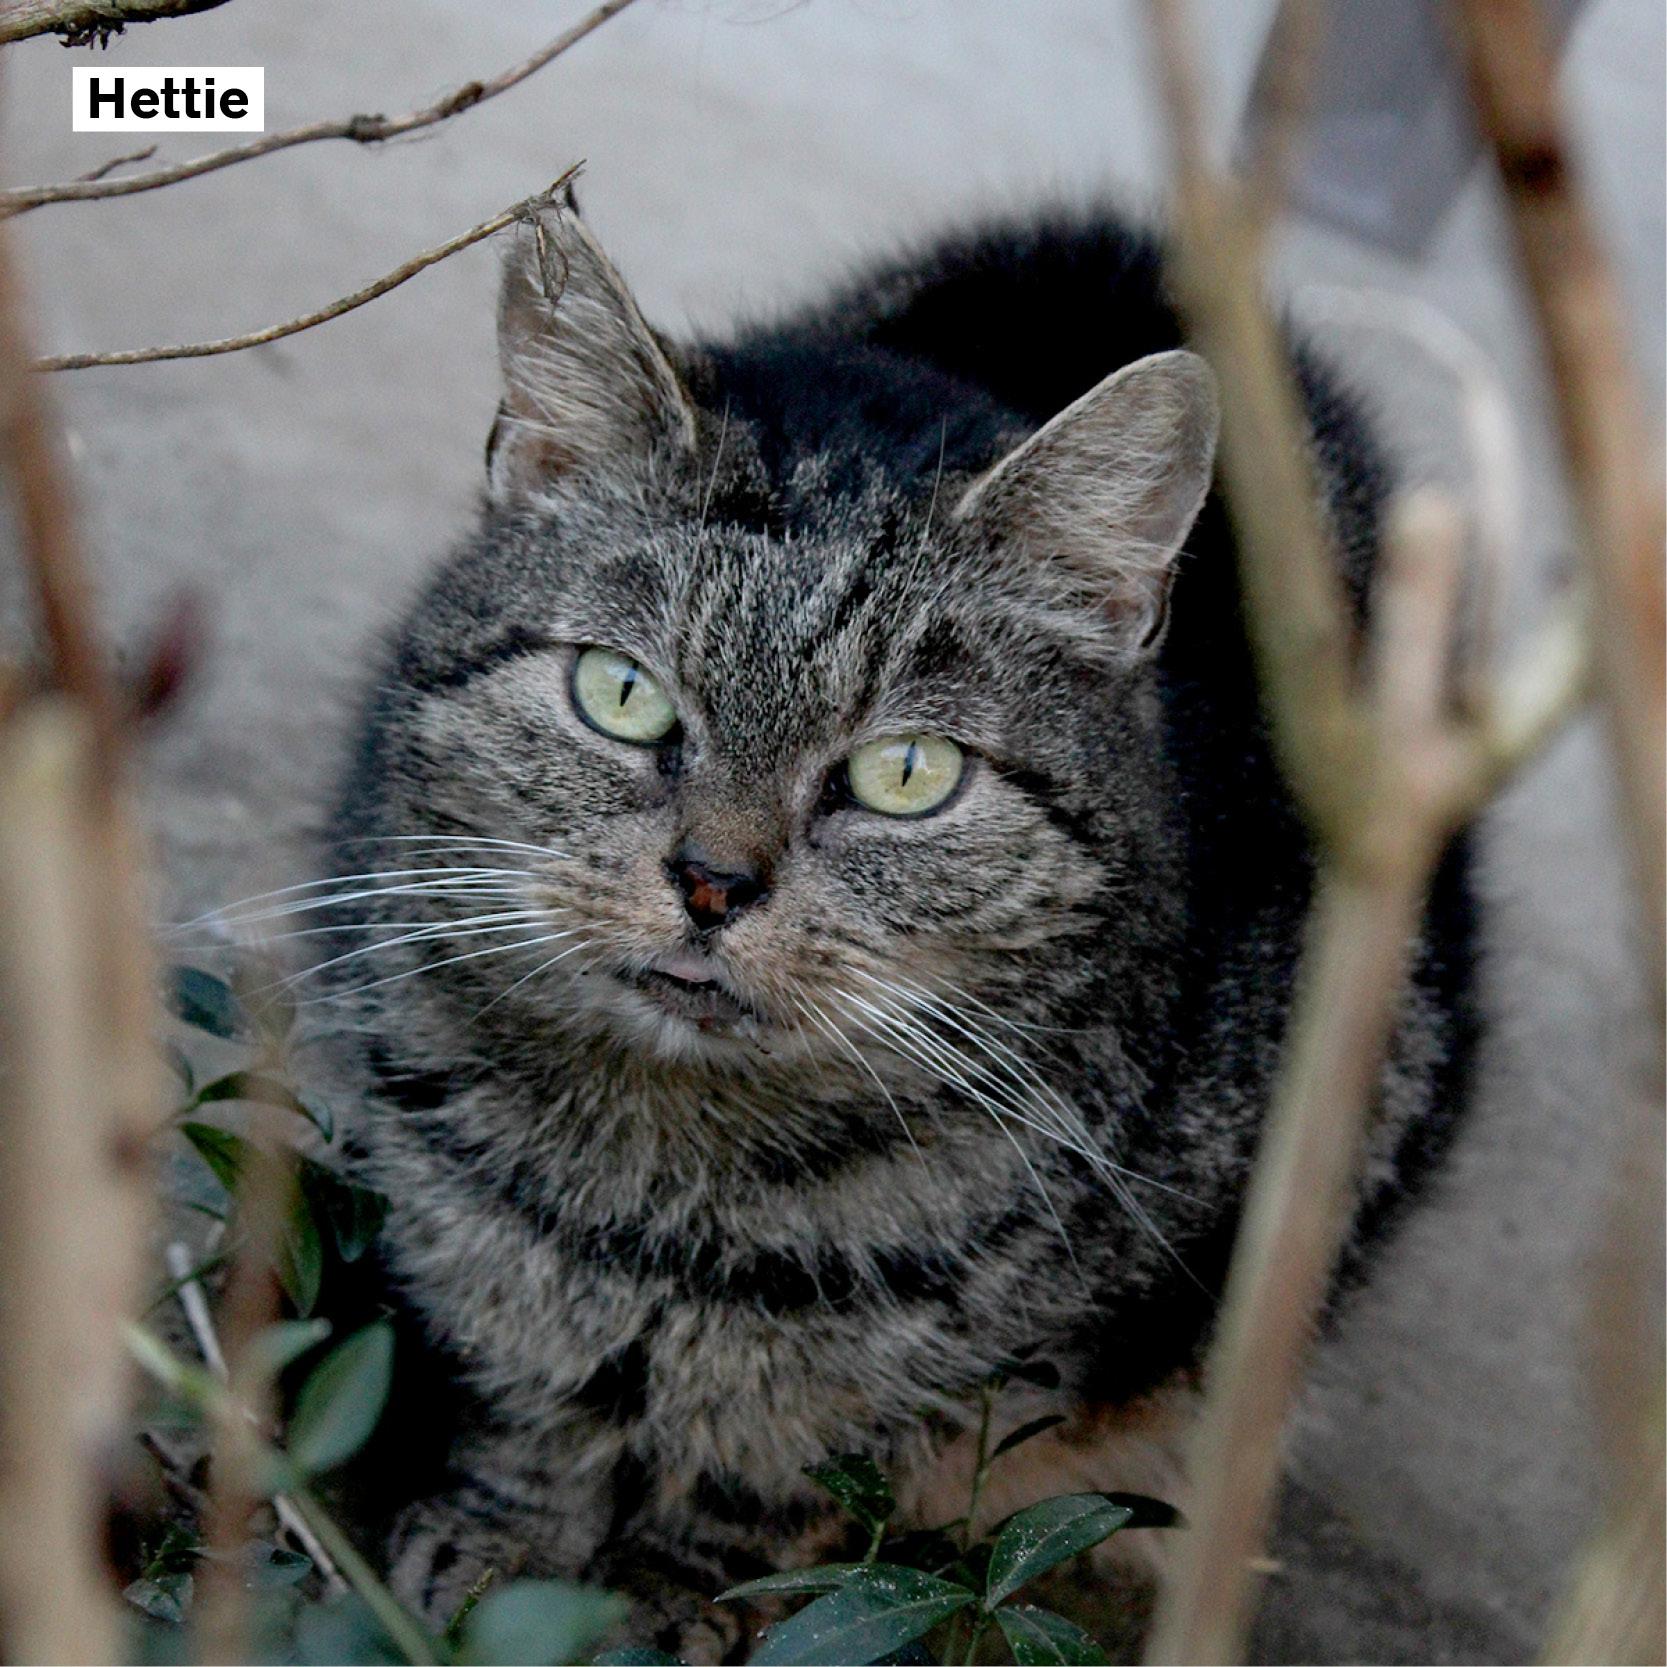 meter_peter_20 Hettie